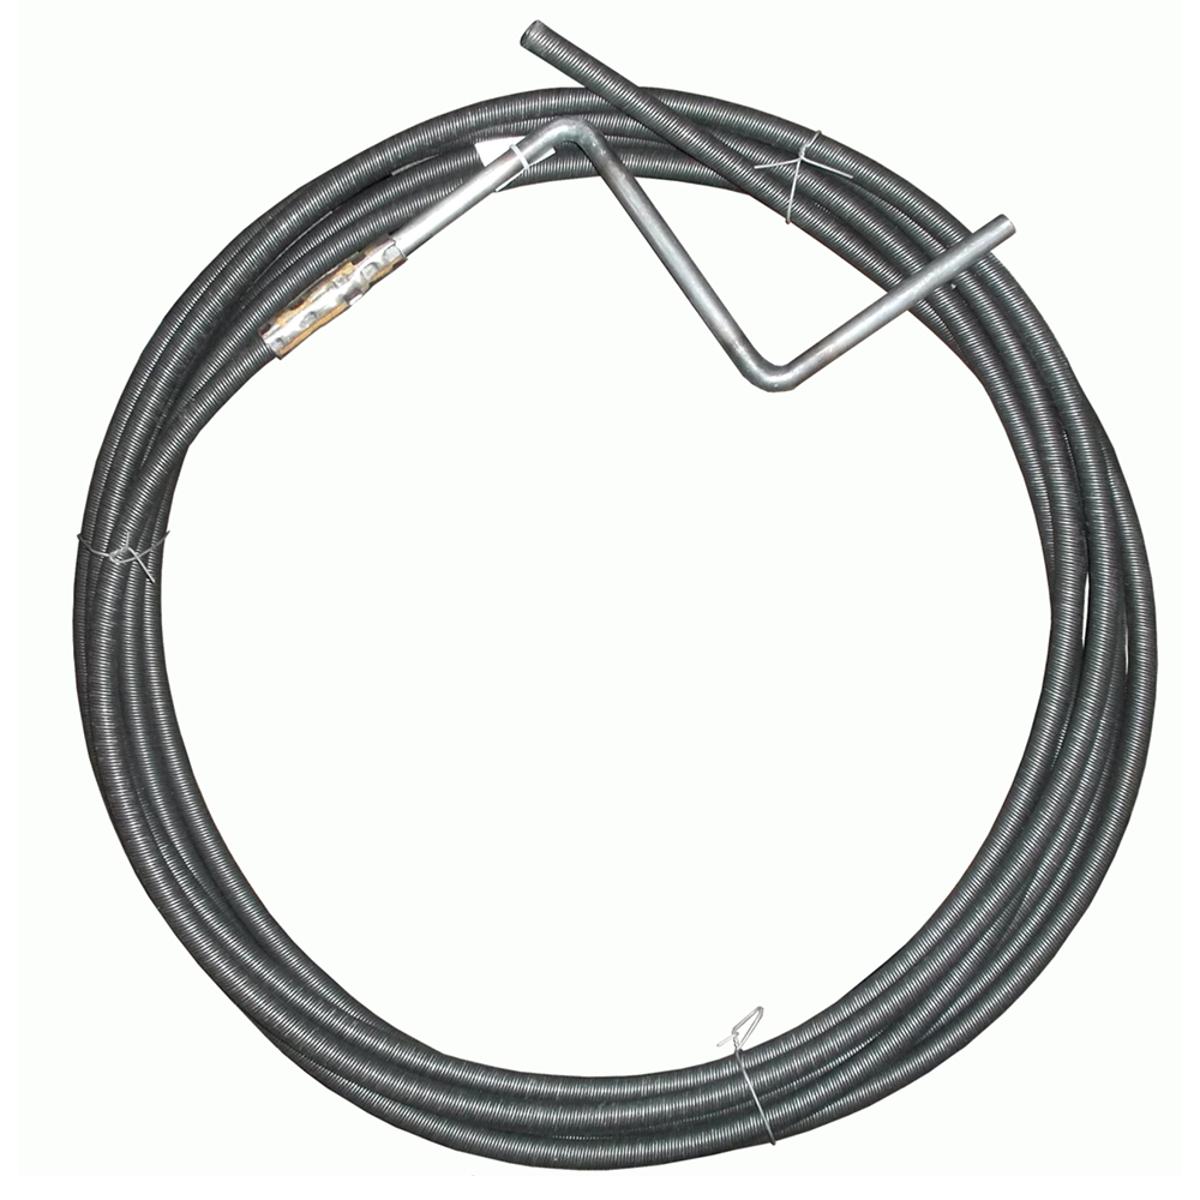 Трос для прочистки канализационных труб 9 мм х 2,5 м МастерПрофИС.130035Трос для прочистки канализационных труб предназначен для прочистки канализационных труб. Диаметр: 9 мм. Длина 2,5 метра.